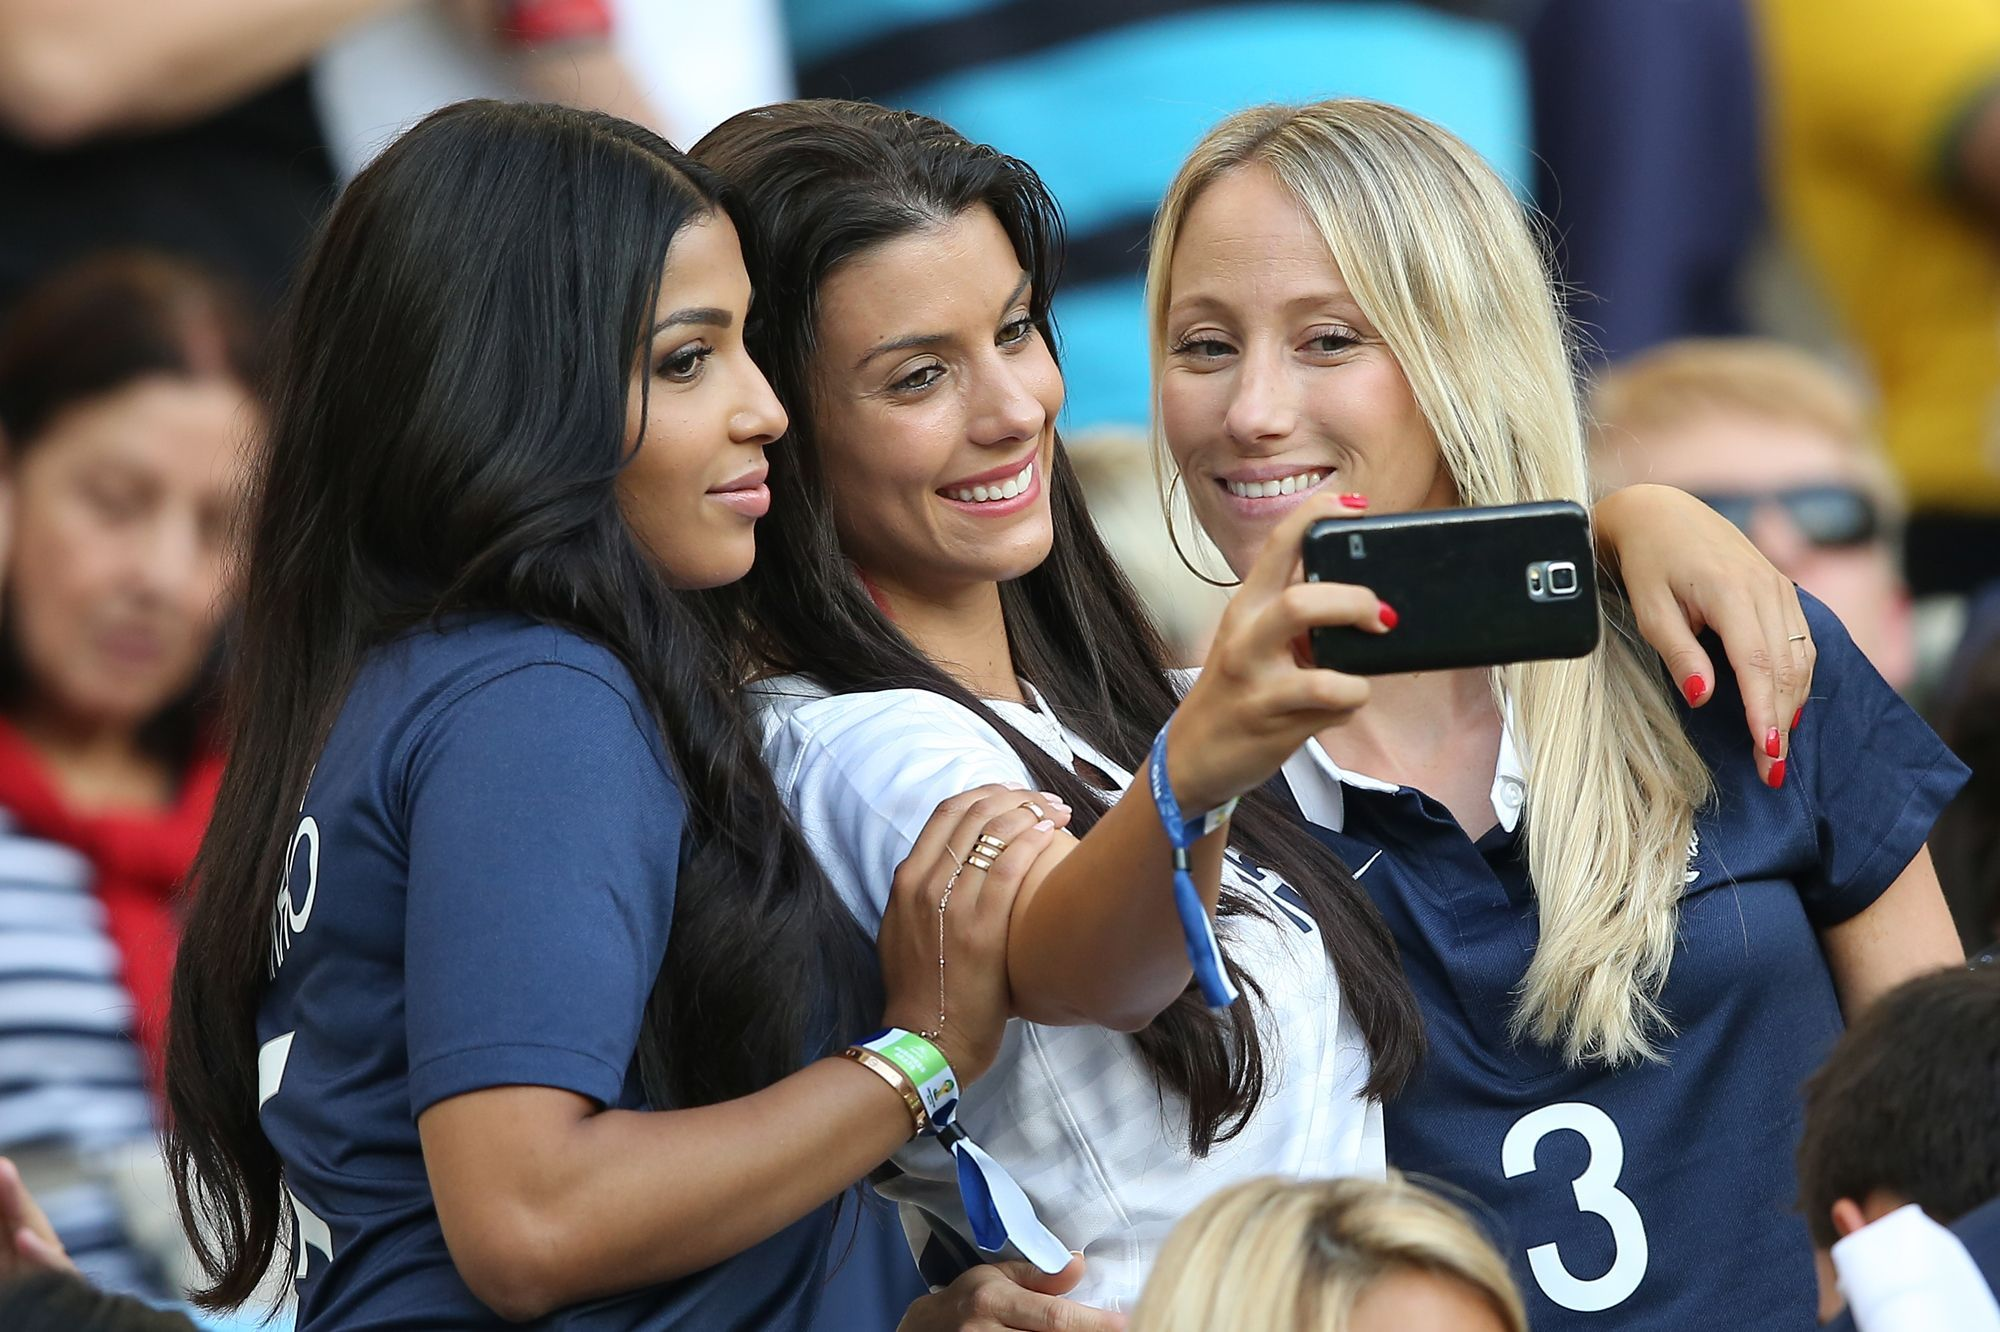 L'équipe Des Joueurs France De Euro 2016Les Femmes VjzpLSUMGq